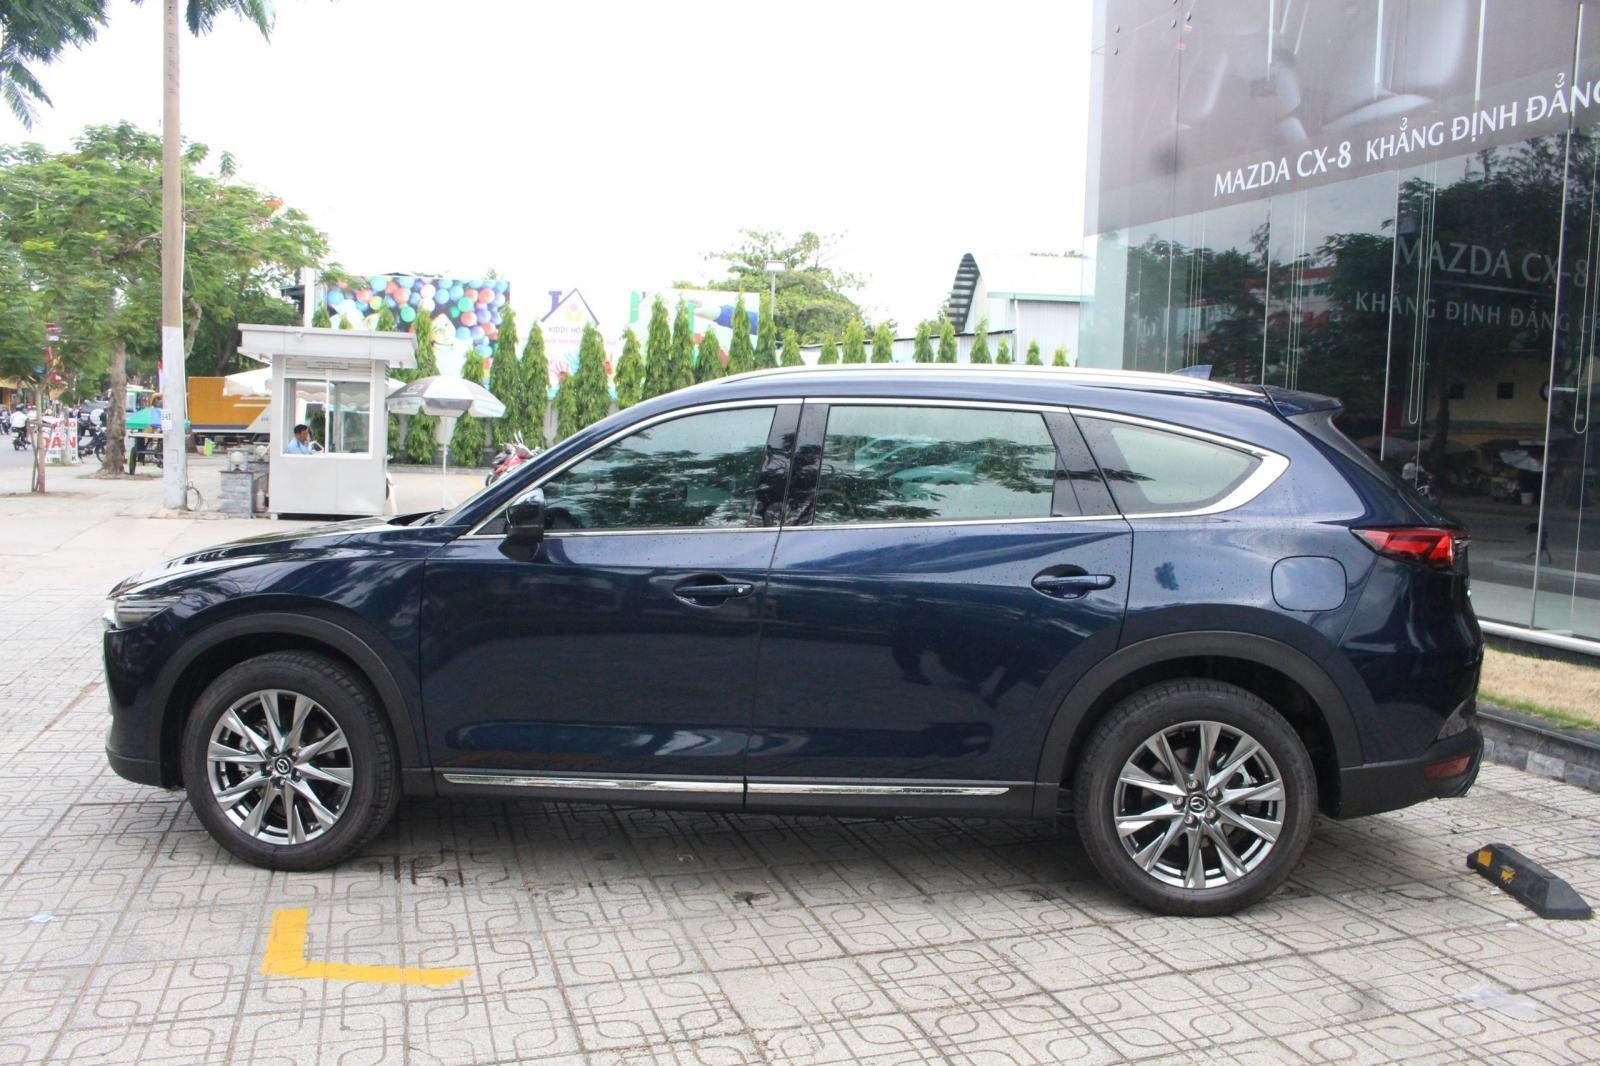 Mazda CX8 Luxury - ưu đãi hơn 200tr - đủ màu - tặng phụ kiện - chỉ 287tr (2)